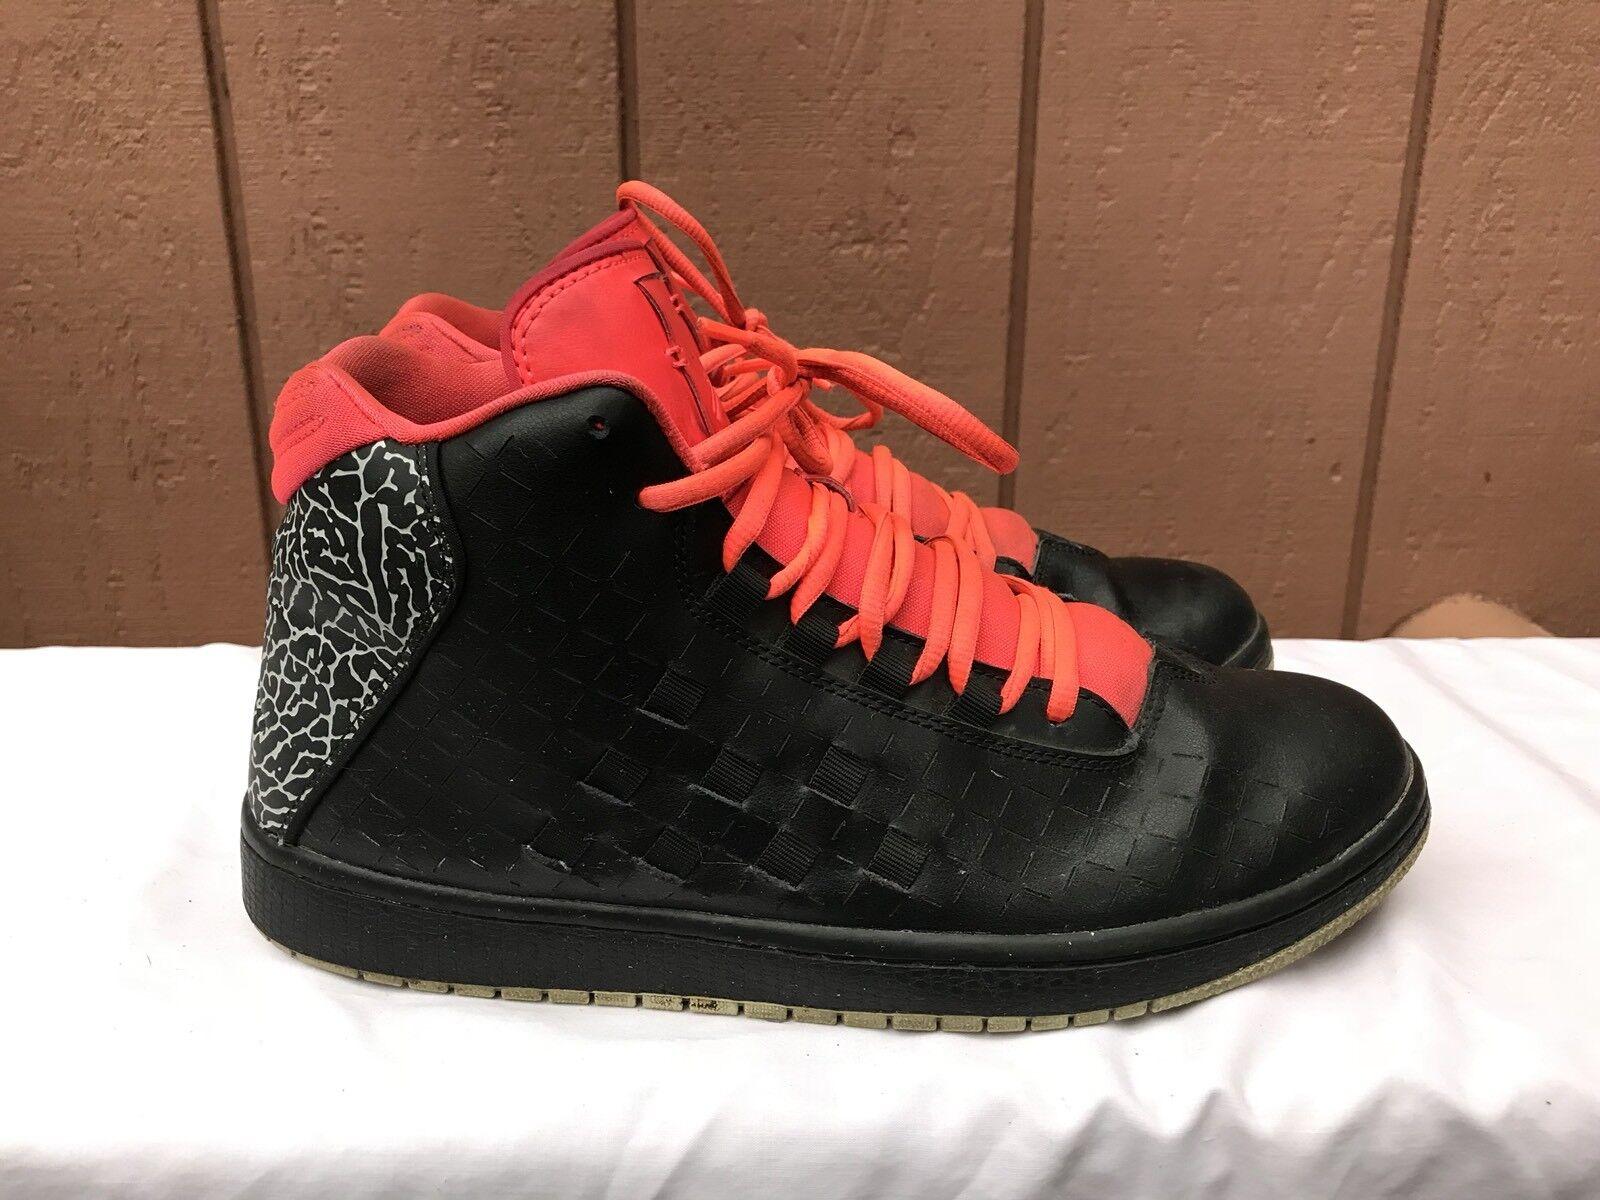 Nike 705141 008 Jordania ilusión Hombre us mujer 10,5 Basketball sneaker Negro Infrared baratos zapatos de mujer us zapatos de mujer 5bb057